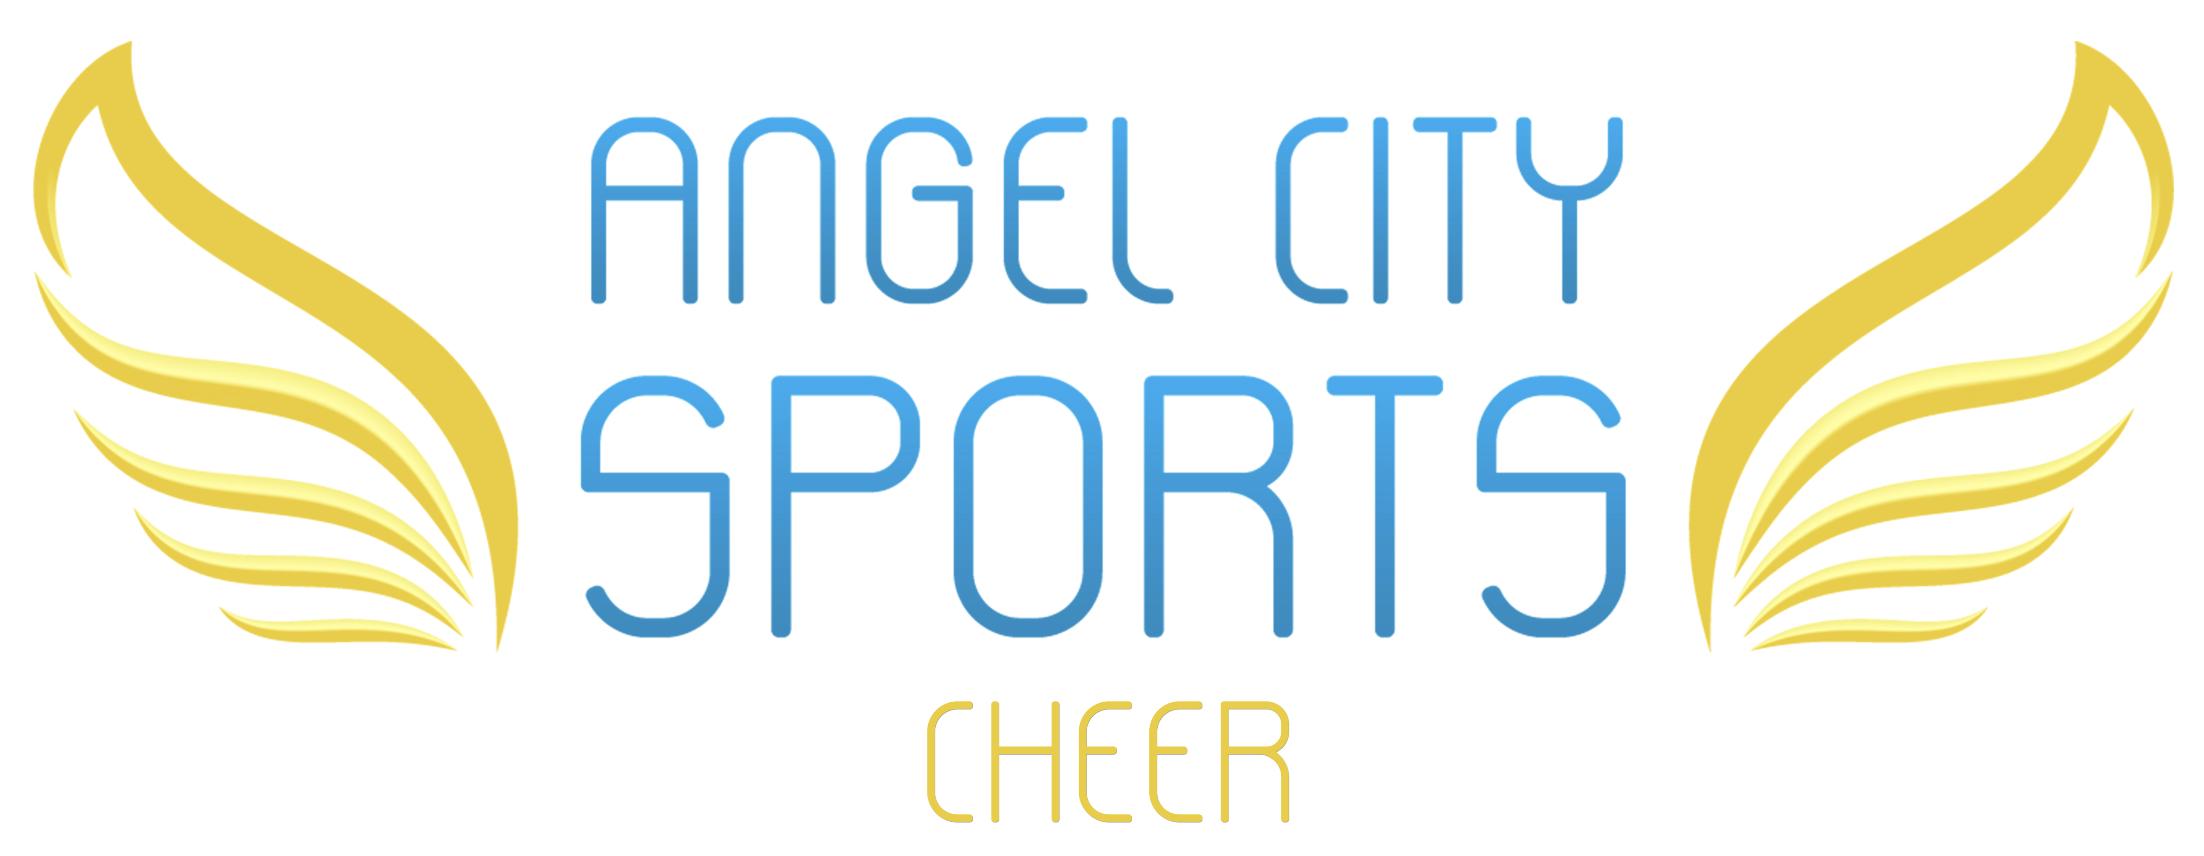 Cheer Logo_small.png